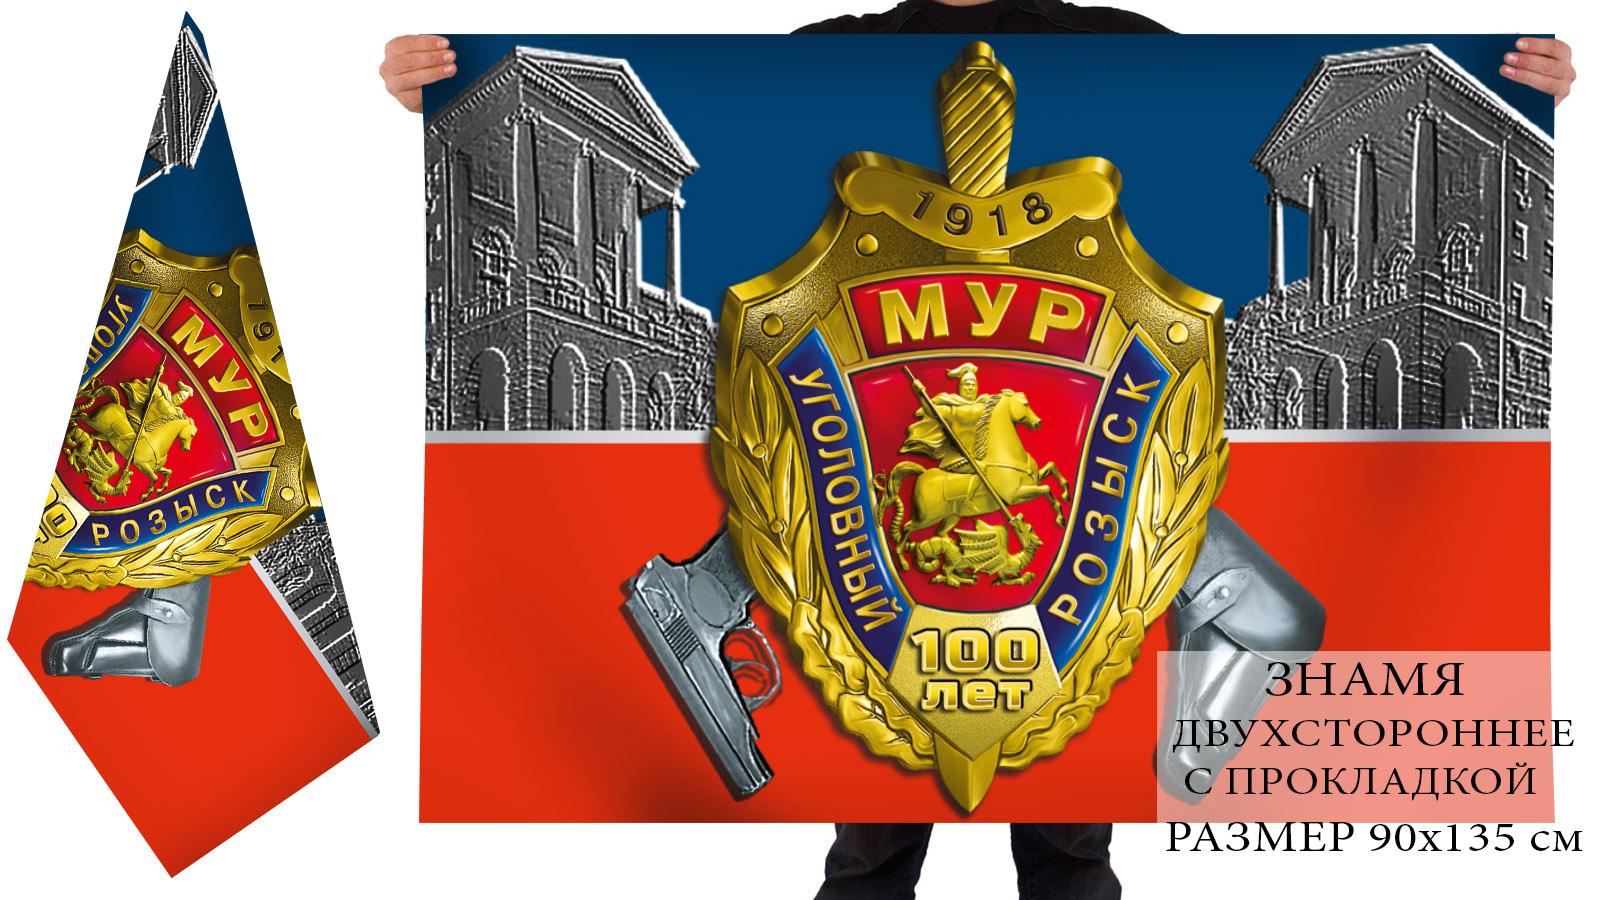 Заказать с доставкой недорого знамя МУРу 100 лет